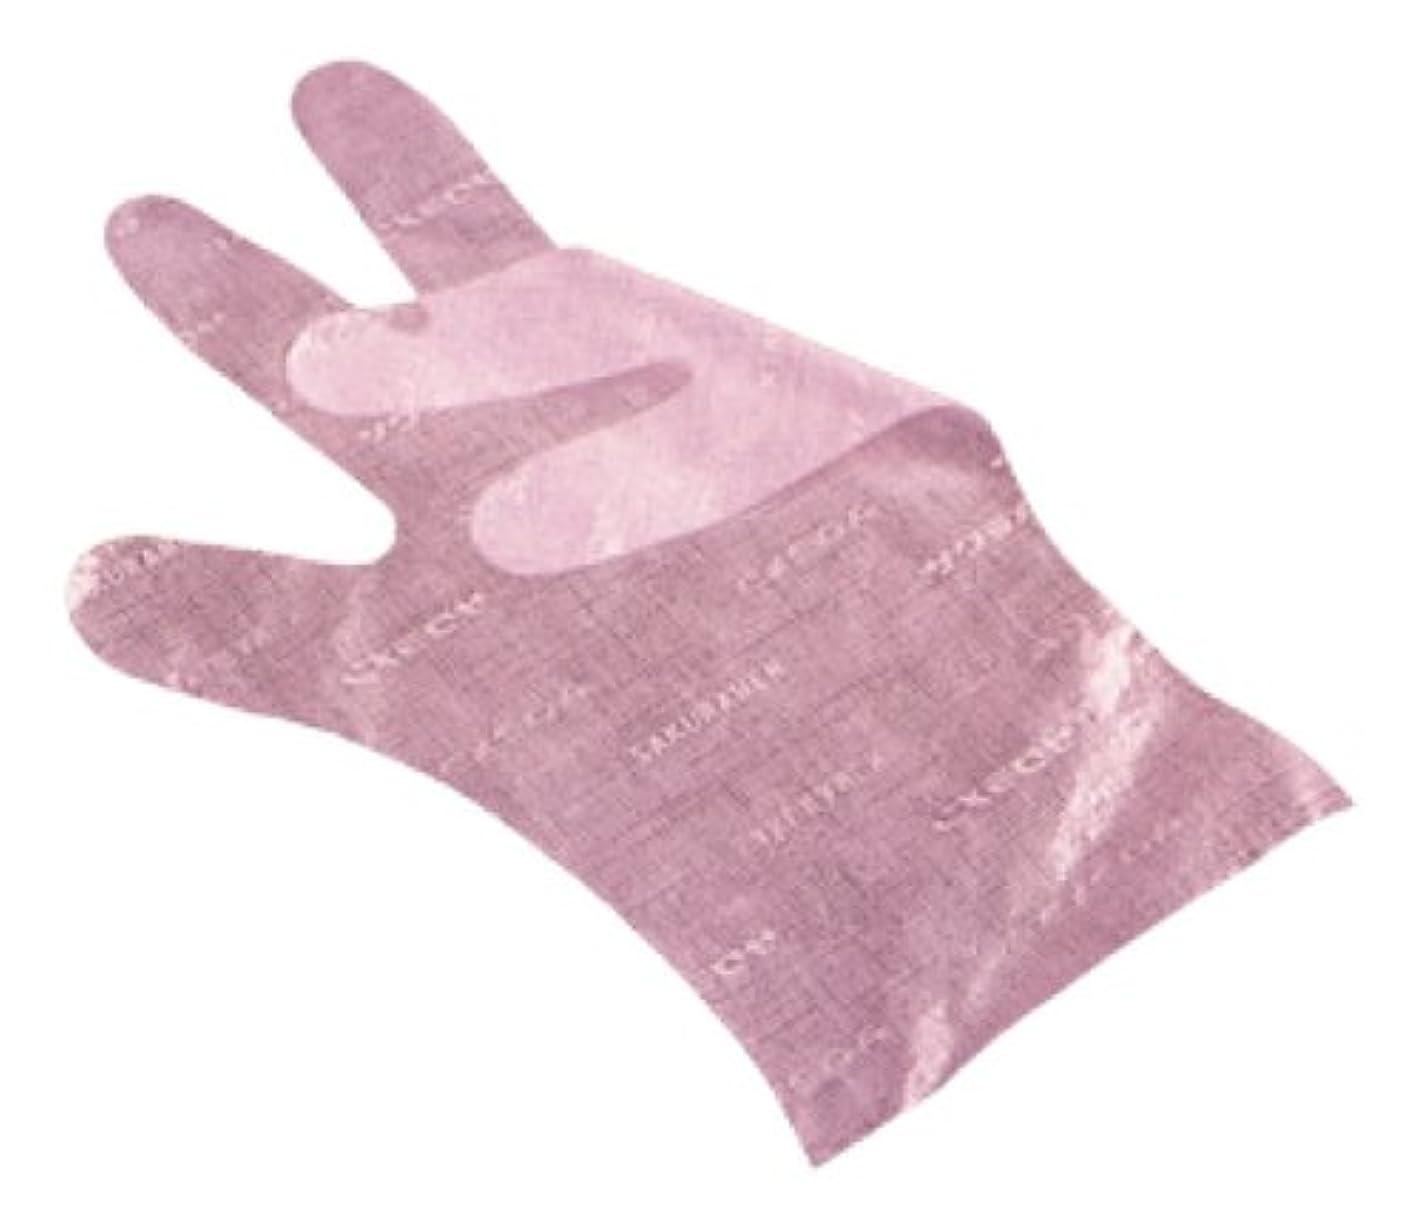 サクラメン手袋 デラックス(100枚入)S ピンク 35μ